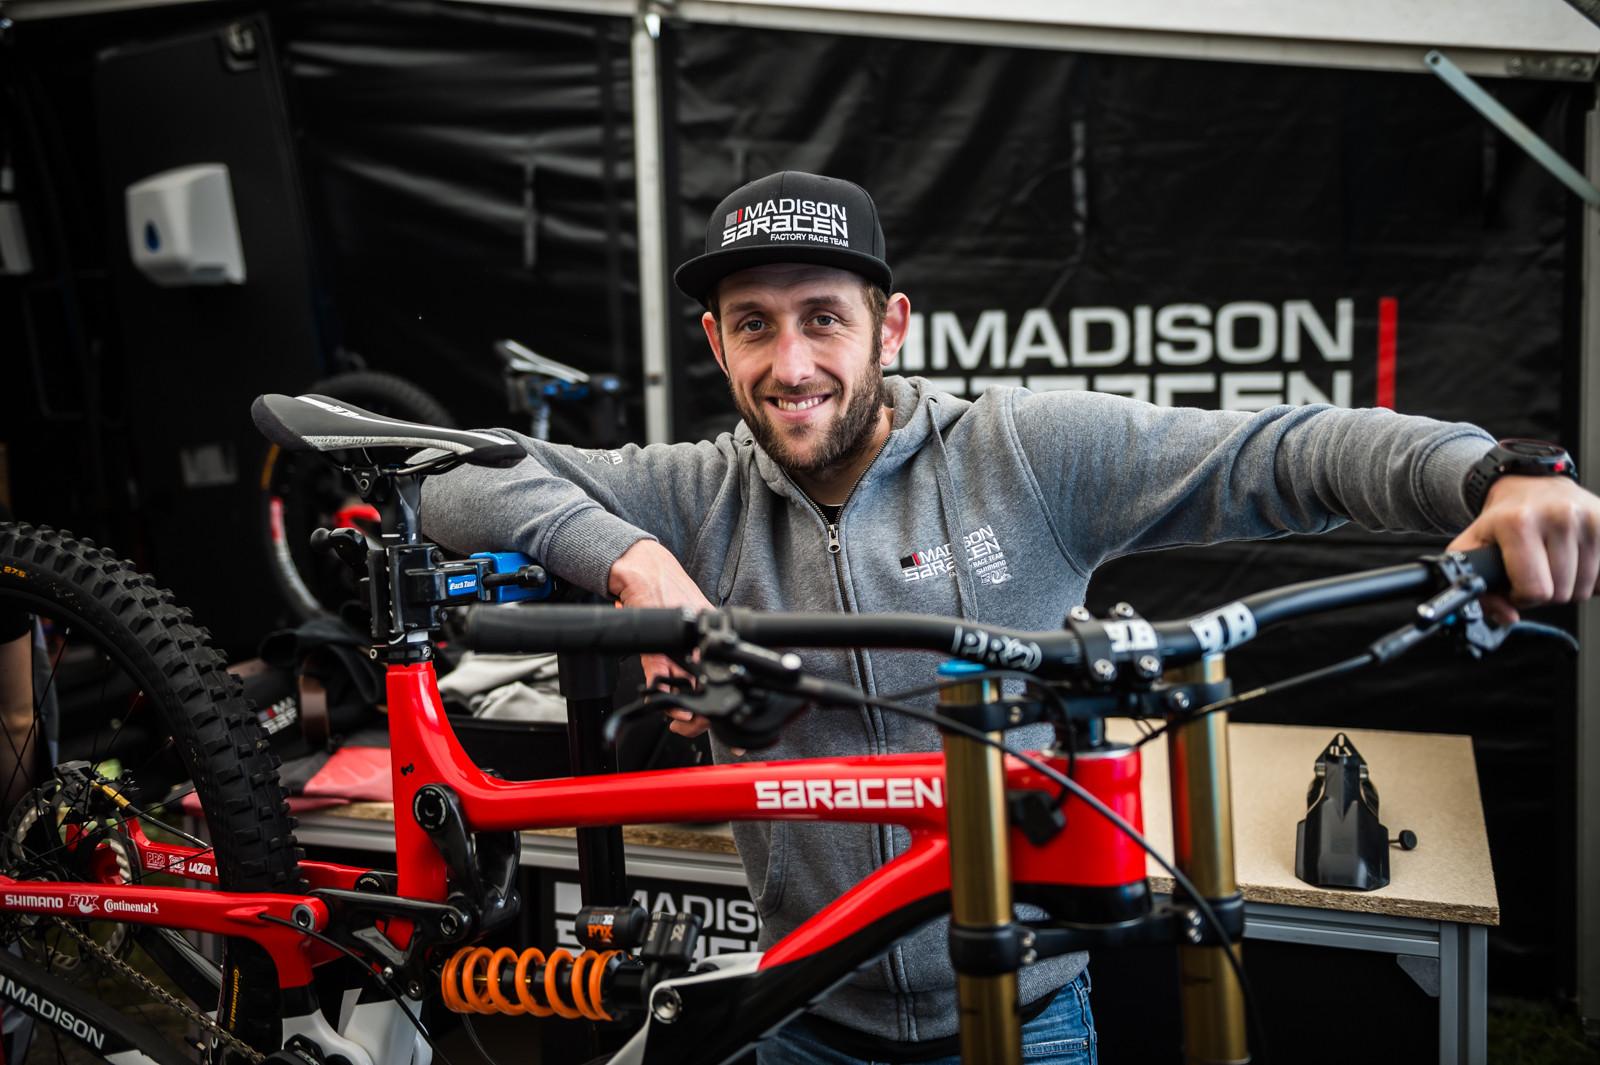 Marc Beaumont's Saracen Myst Carbon - PIT BITS - 2016 Lourdes World Cup Downhill - Mountain Biking Pictures - Vital MTB